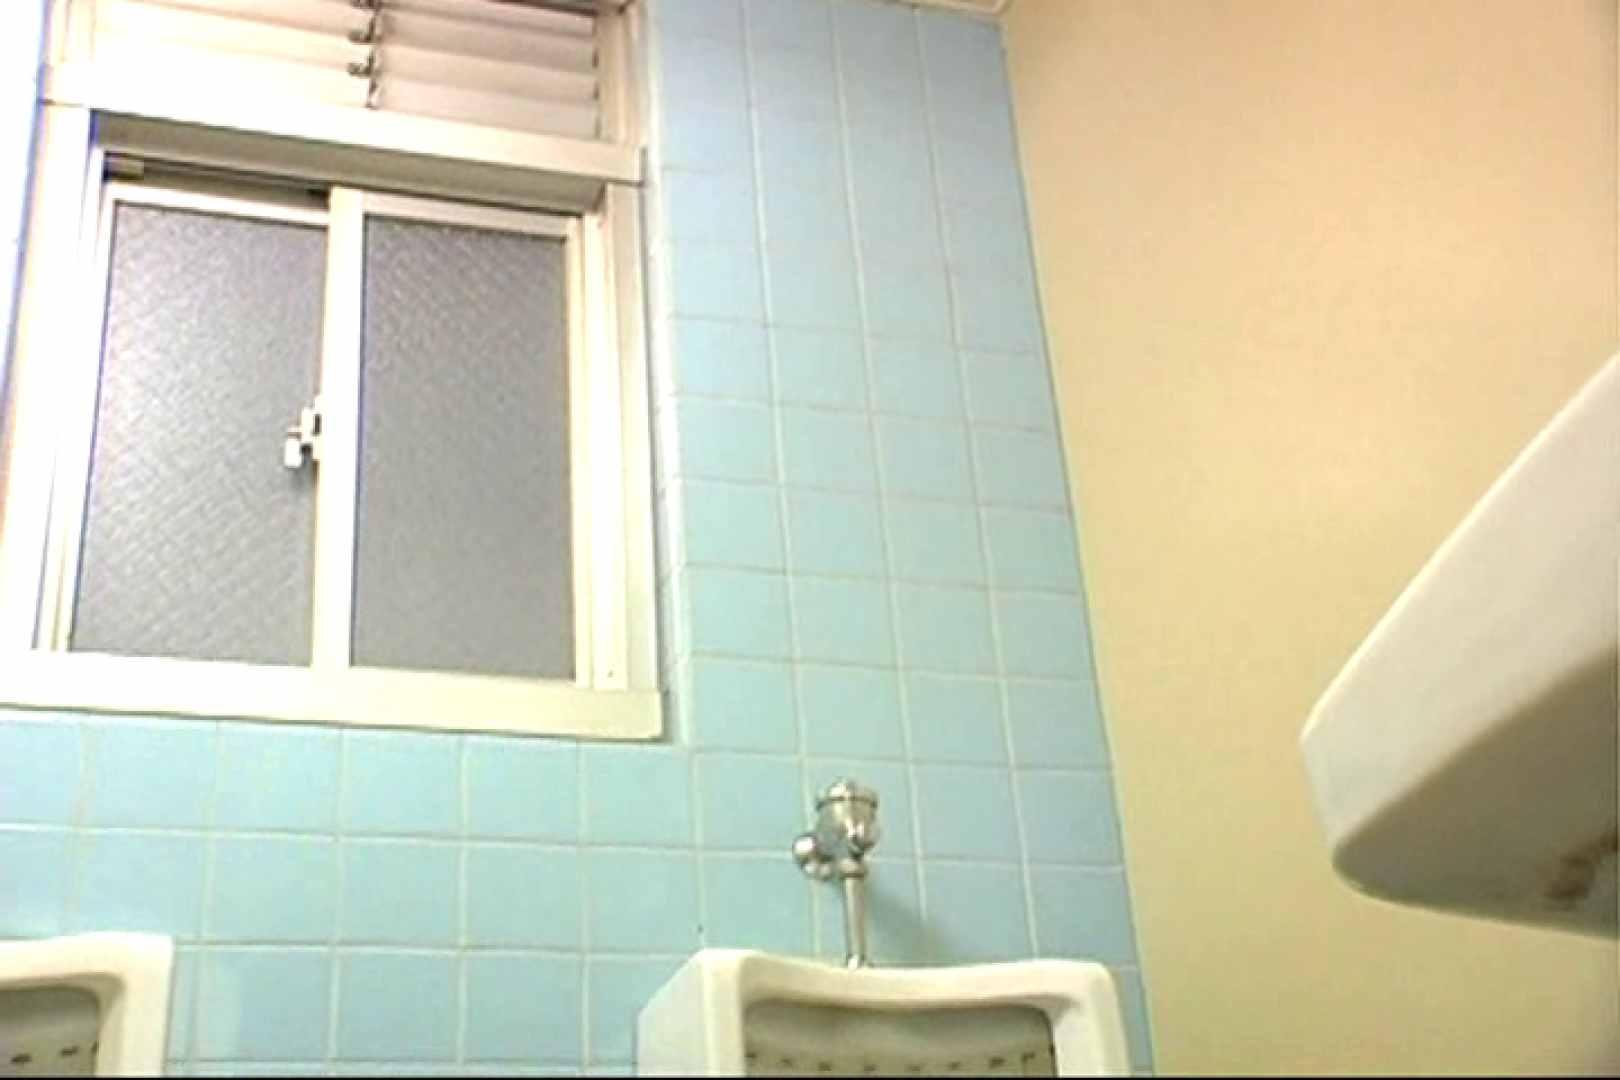 雑居ビル洗面所只今使用禁止中!Vol.1 洗面所はめどり おまんこ無修正動画無料 74画像 14